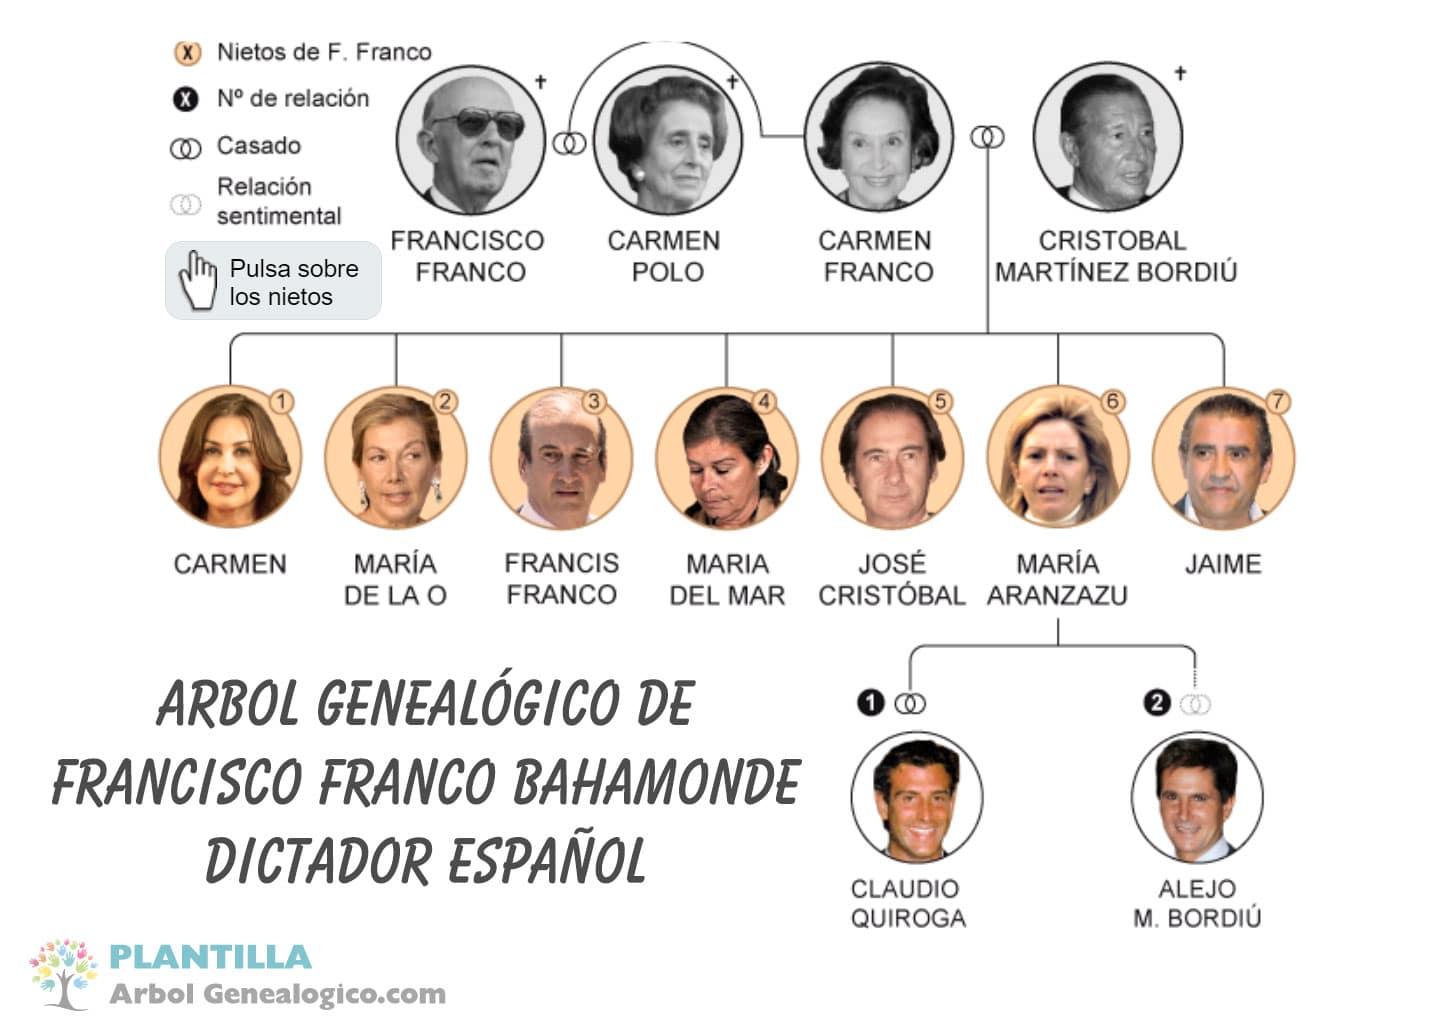 Árbol genealógico de Francisco Franco Bahamonde